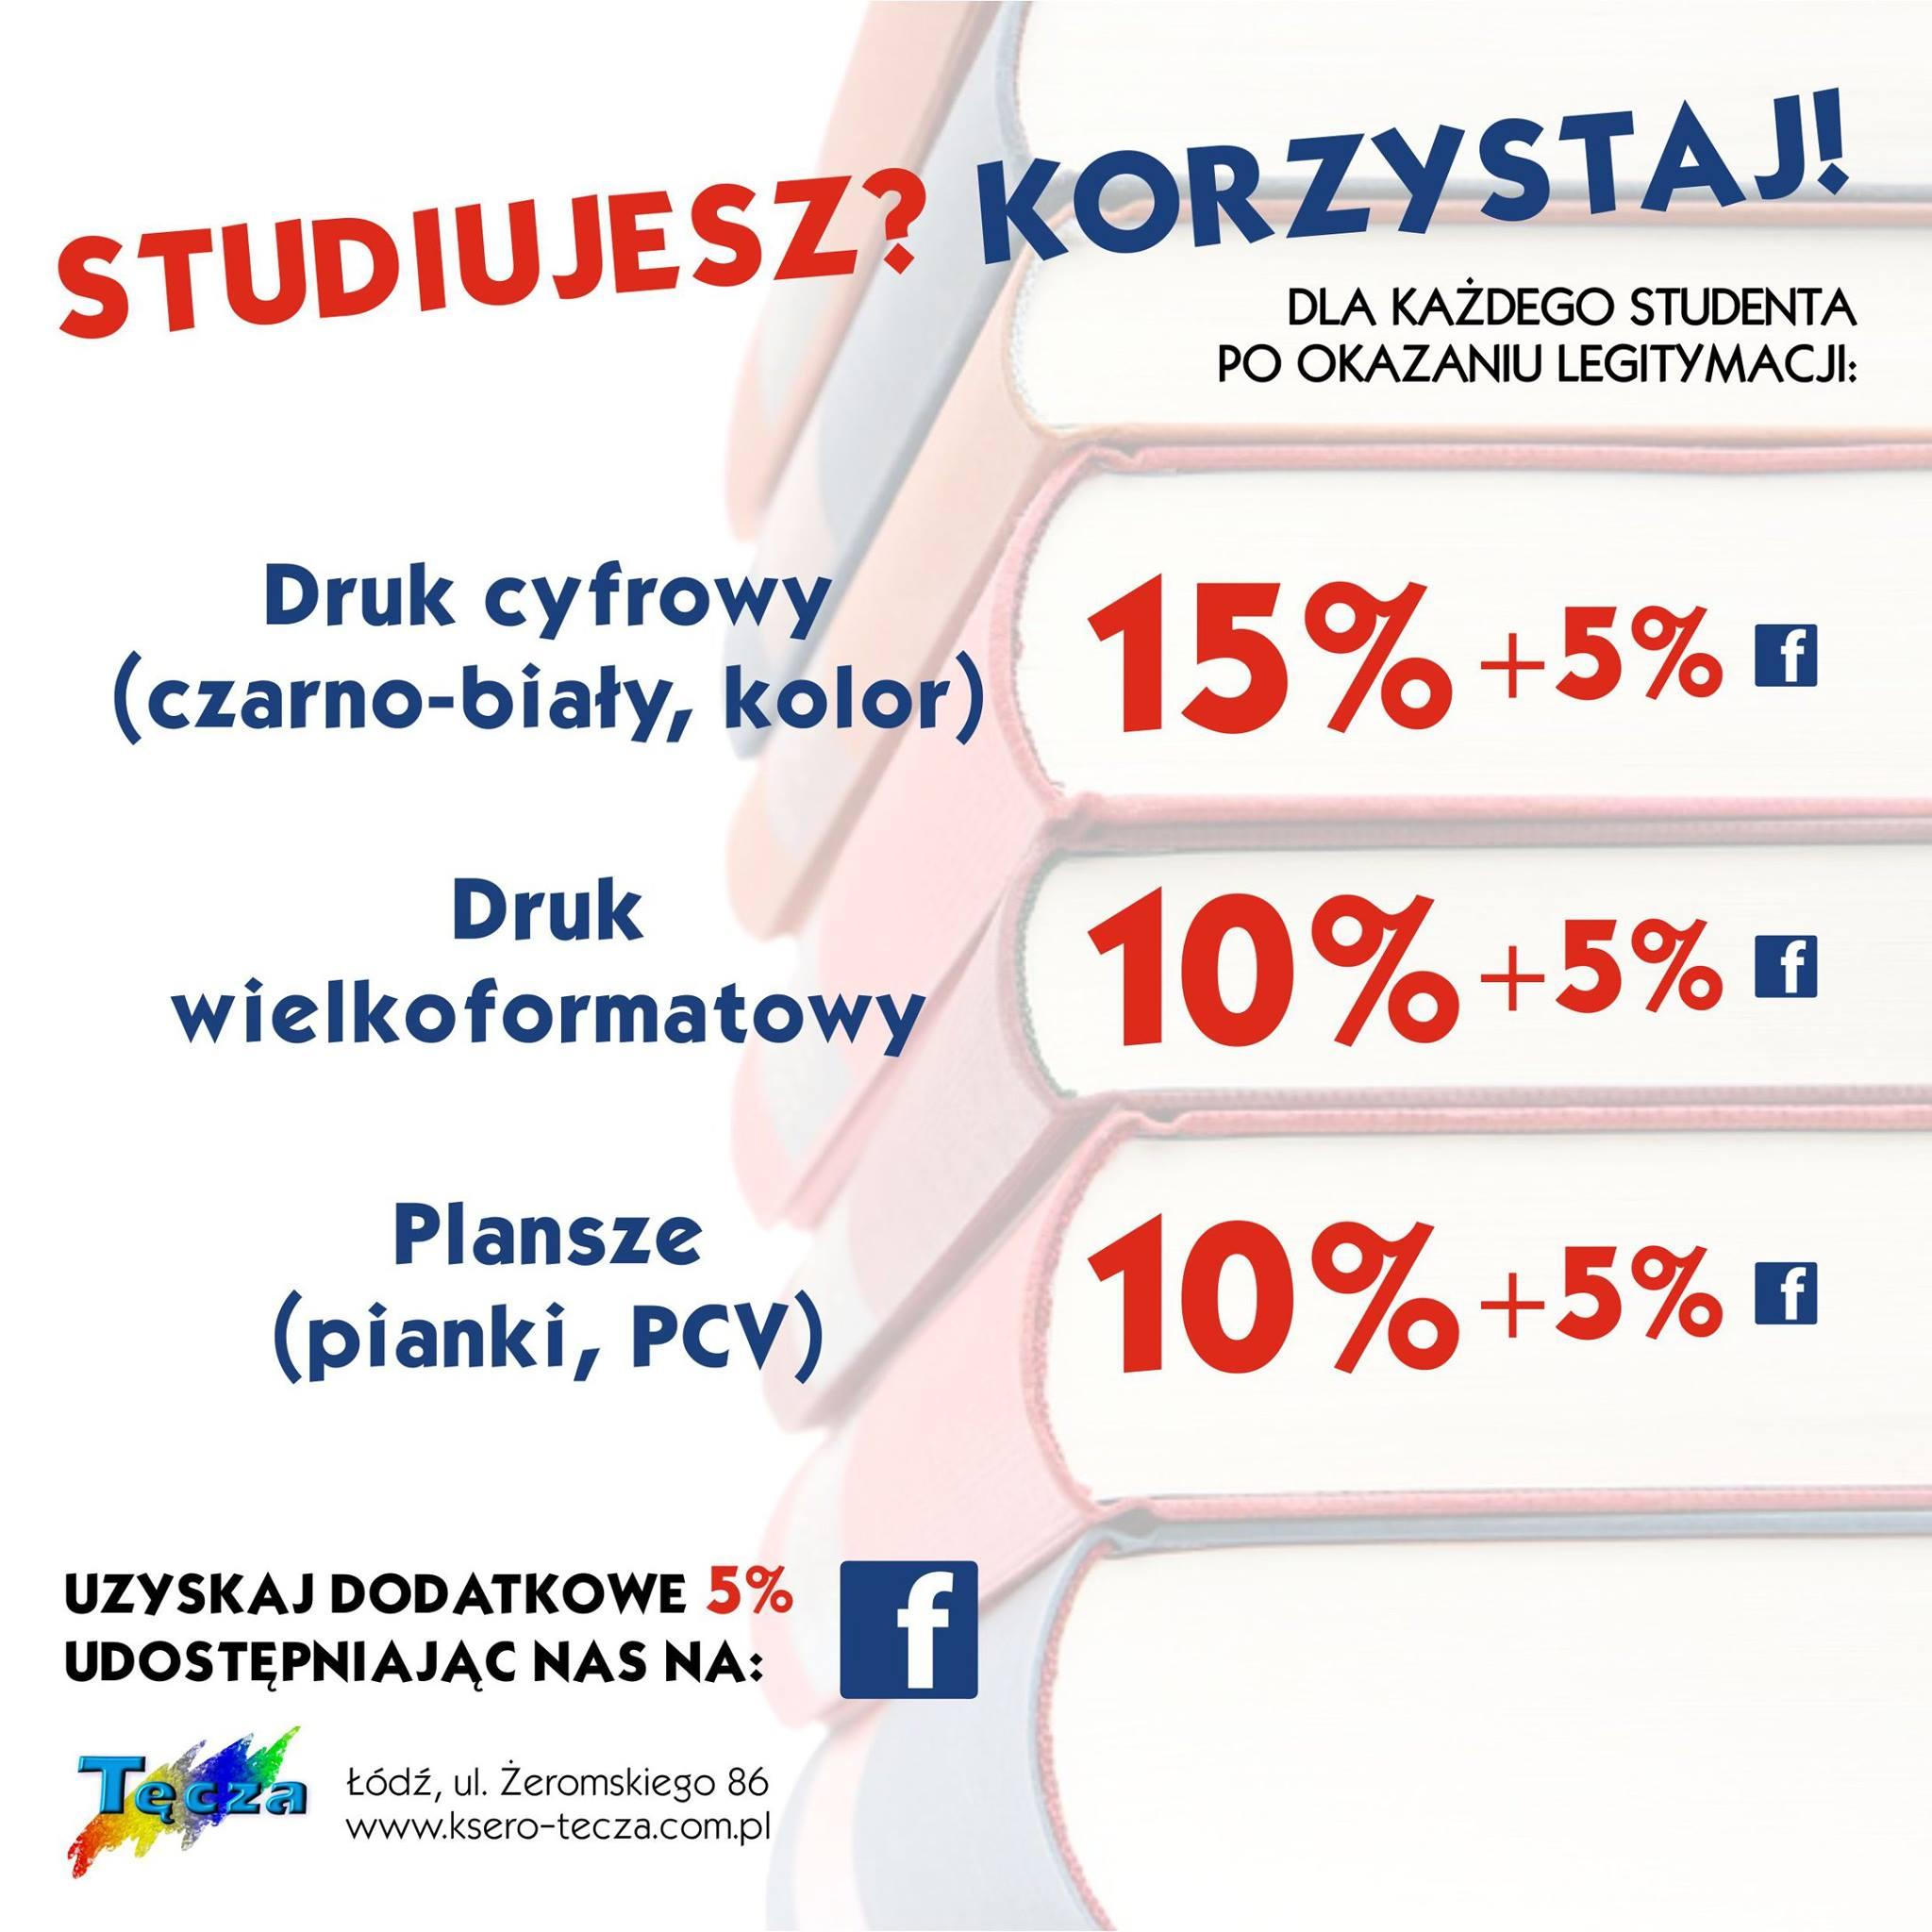 20% rabatu na wydruki laserowe w Ksero Tęcza w Łodzi dla studentów